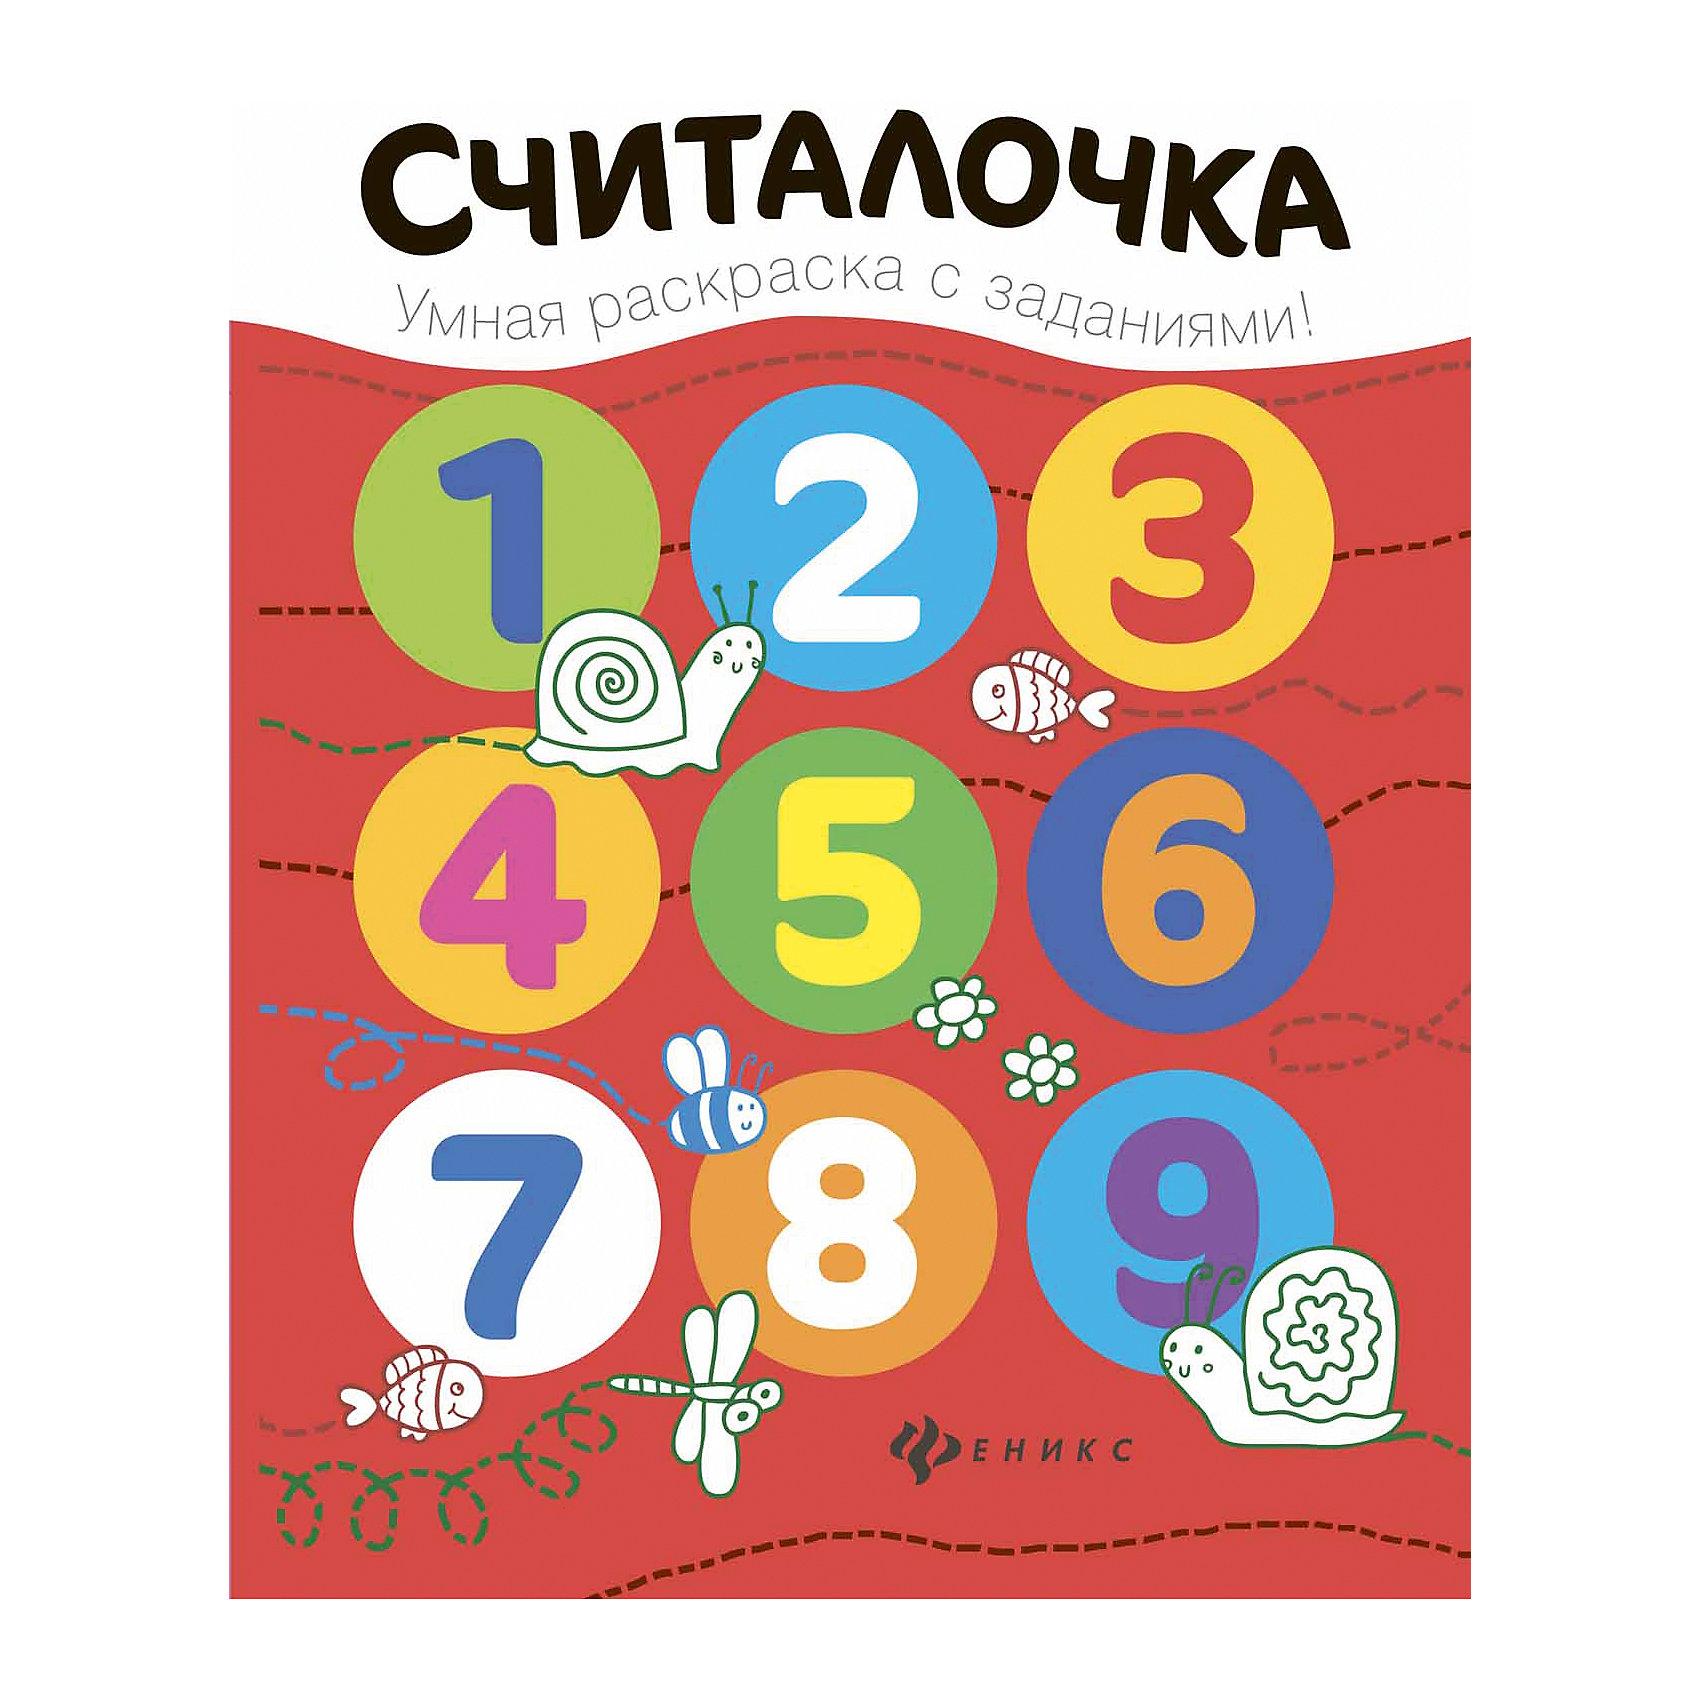 Книжка-раскраска СчиталочкаРаскрашивая картинки и выполняя интересные задания на каждой страничке, малыш научится считать, познакомится с буквами алфавита и геометрическими фигурами.<br><br>Ширина мм: 200<br>Глубина мм: 199<br>Высота мм: 260<br>Вес г: 488<br>Возраст от месяцев: 36<br>Возраст до месяцев: 2147483647<br>Пол: Унисекс<br>Возраст: Детский<br>SKU: 5518155